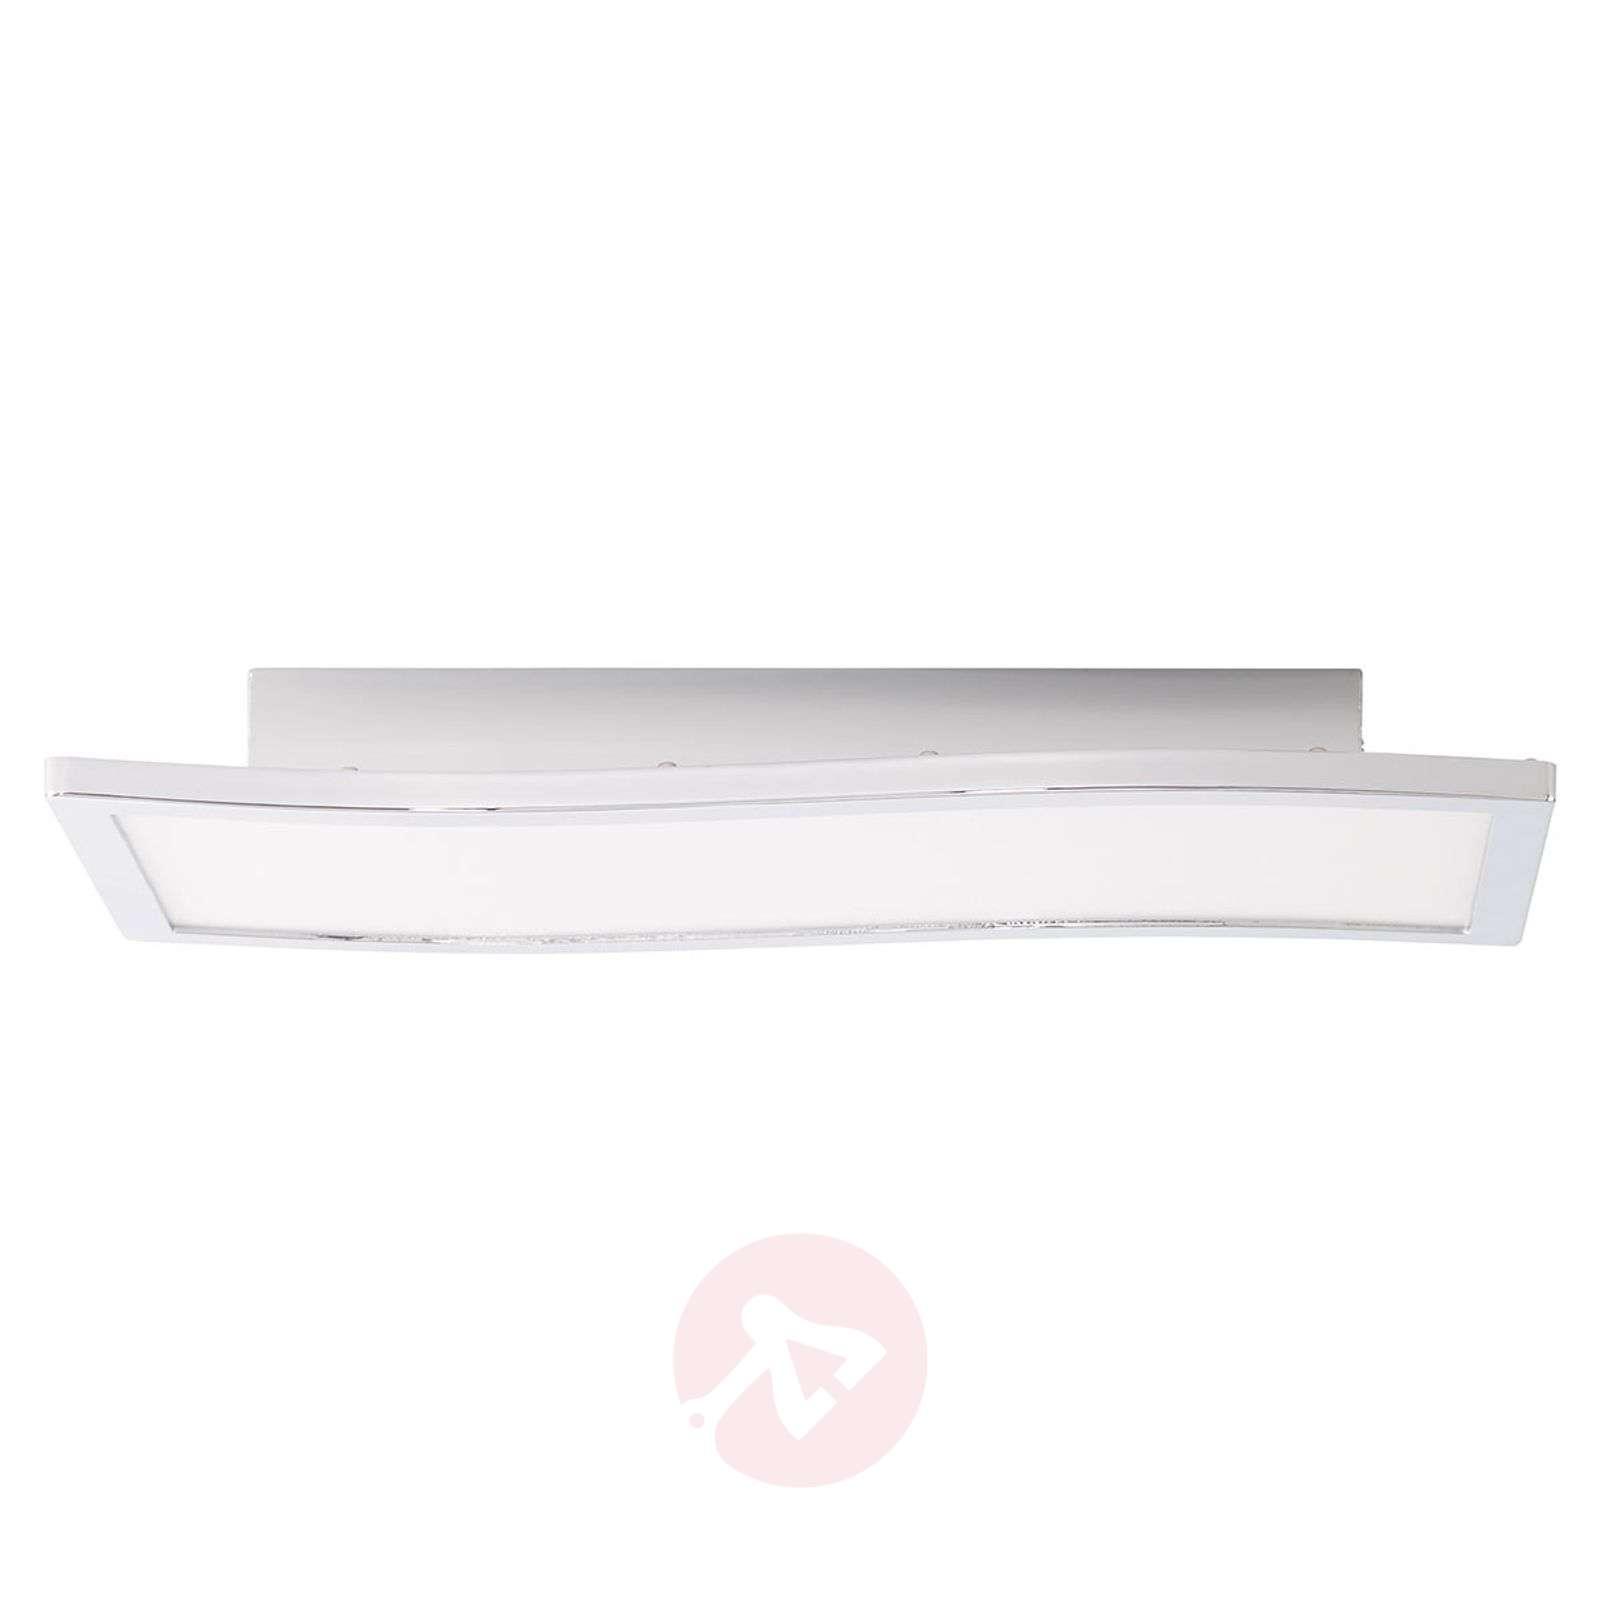 Kromattu Scope-LED-kattovalaisin, easydim-1509249-01